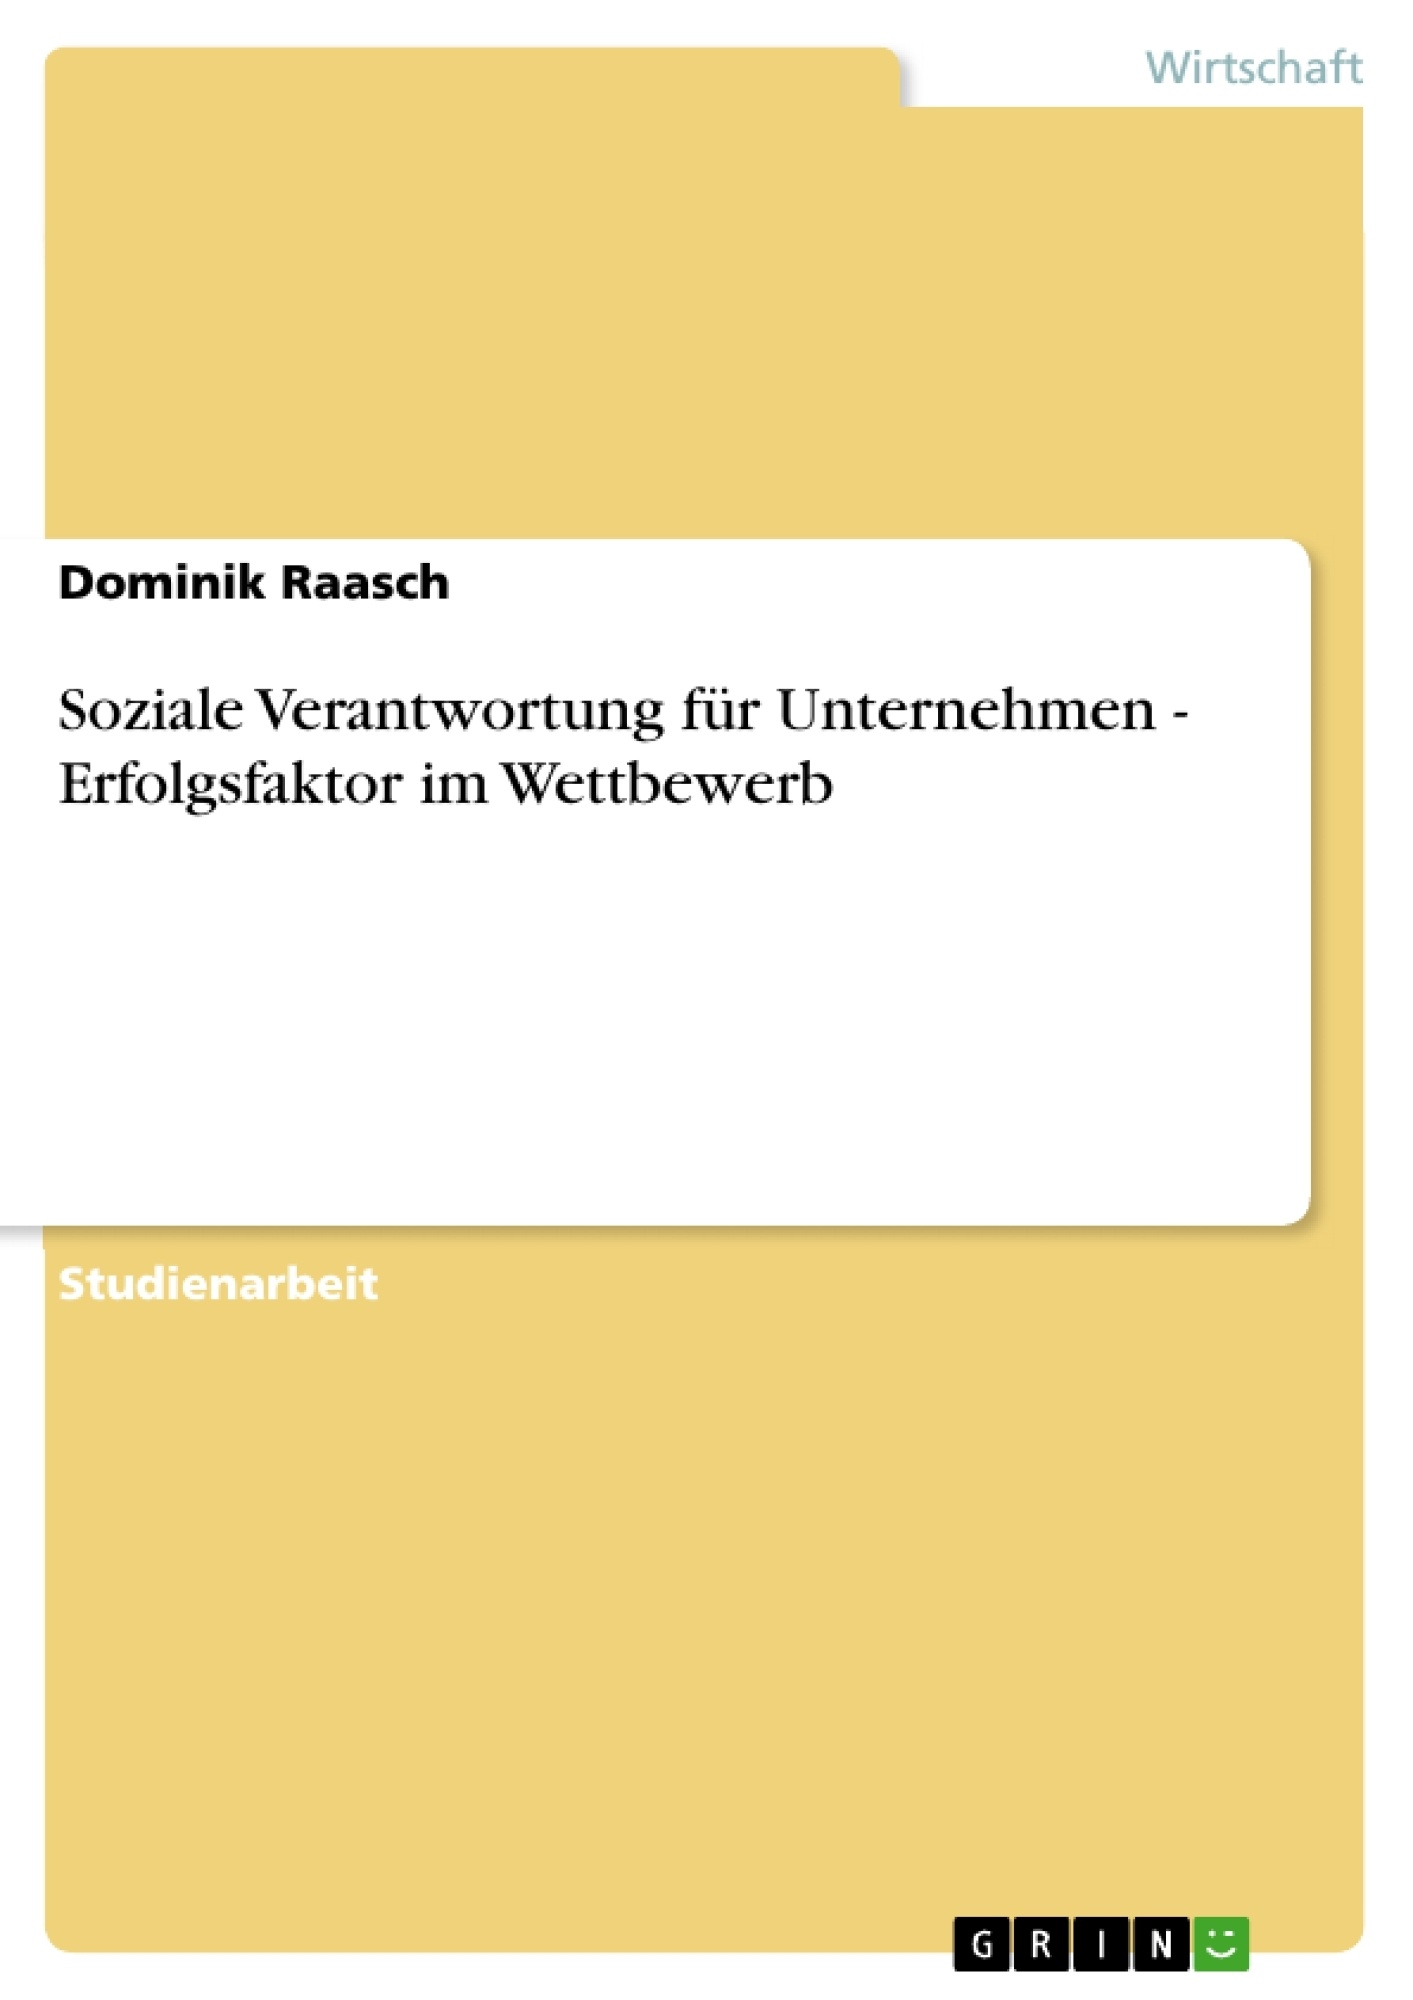 Titel: Soziale Verantwortung für Unternehmen - Erfolgsfaktor im Wettbewerb